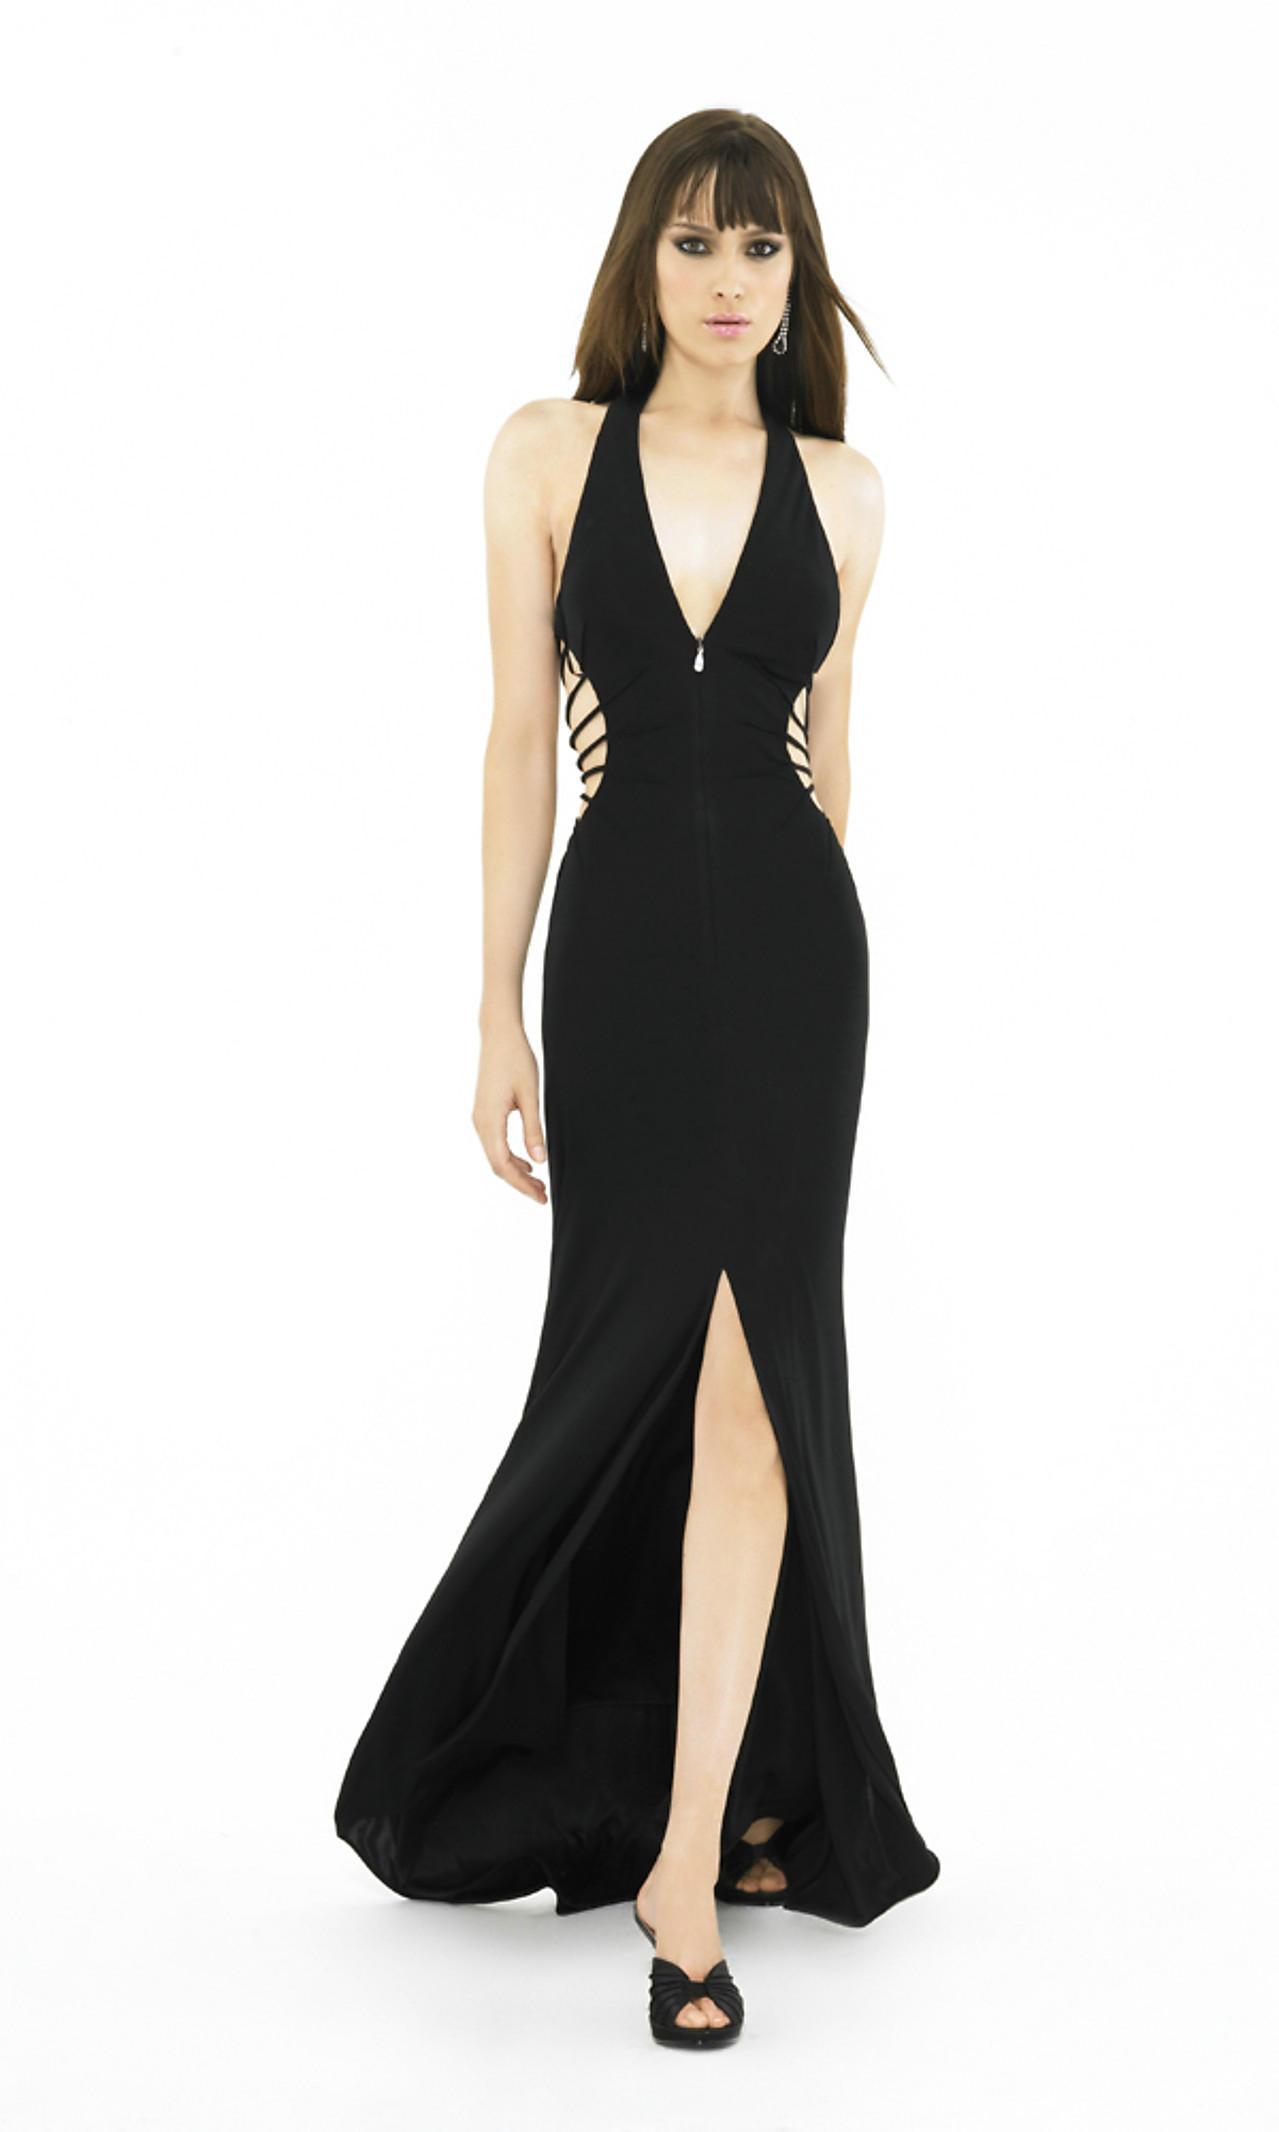 Tendencia De La Moda Vestidos Largos Con Corte Extremo